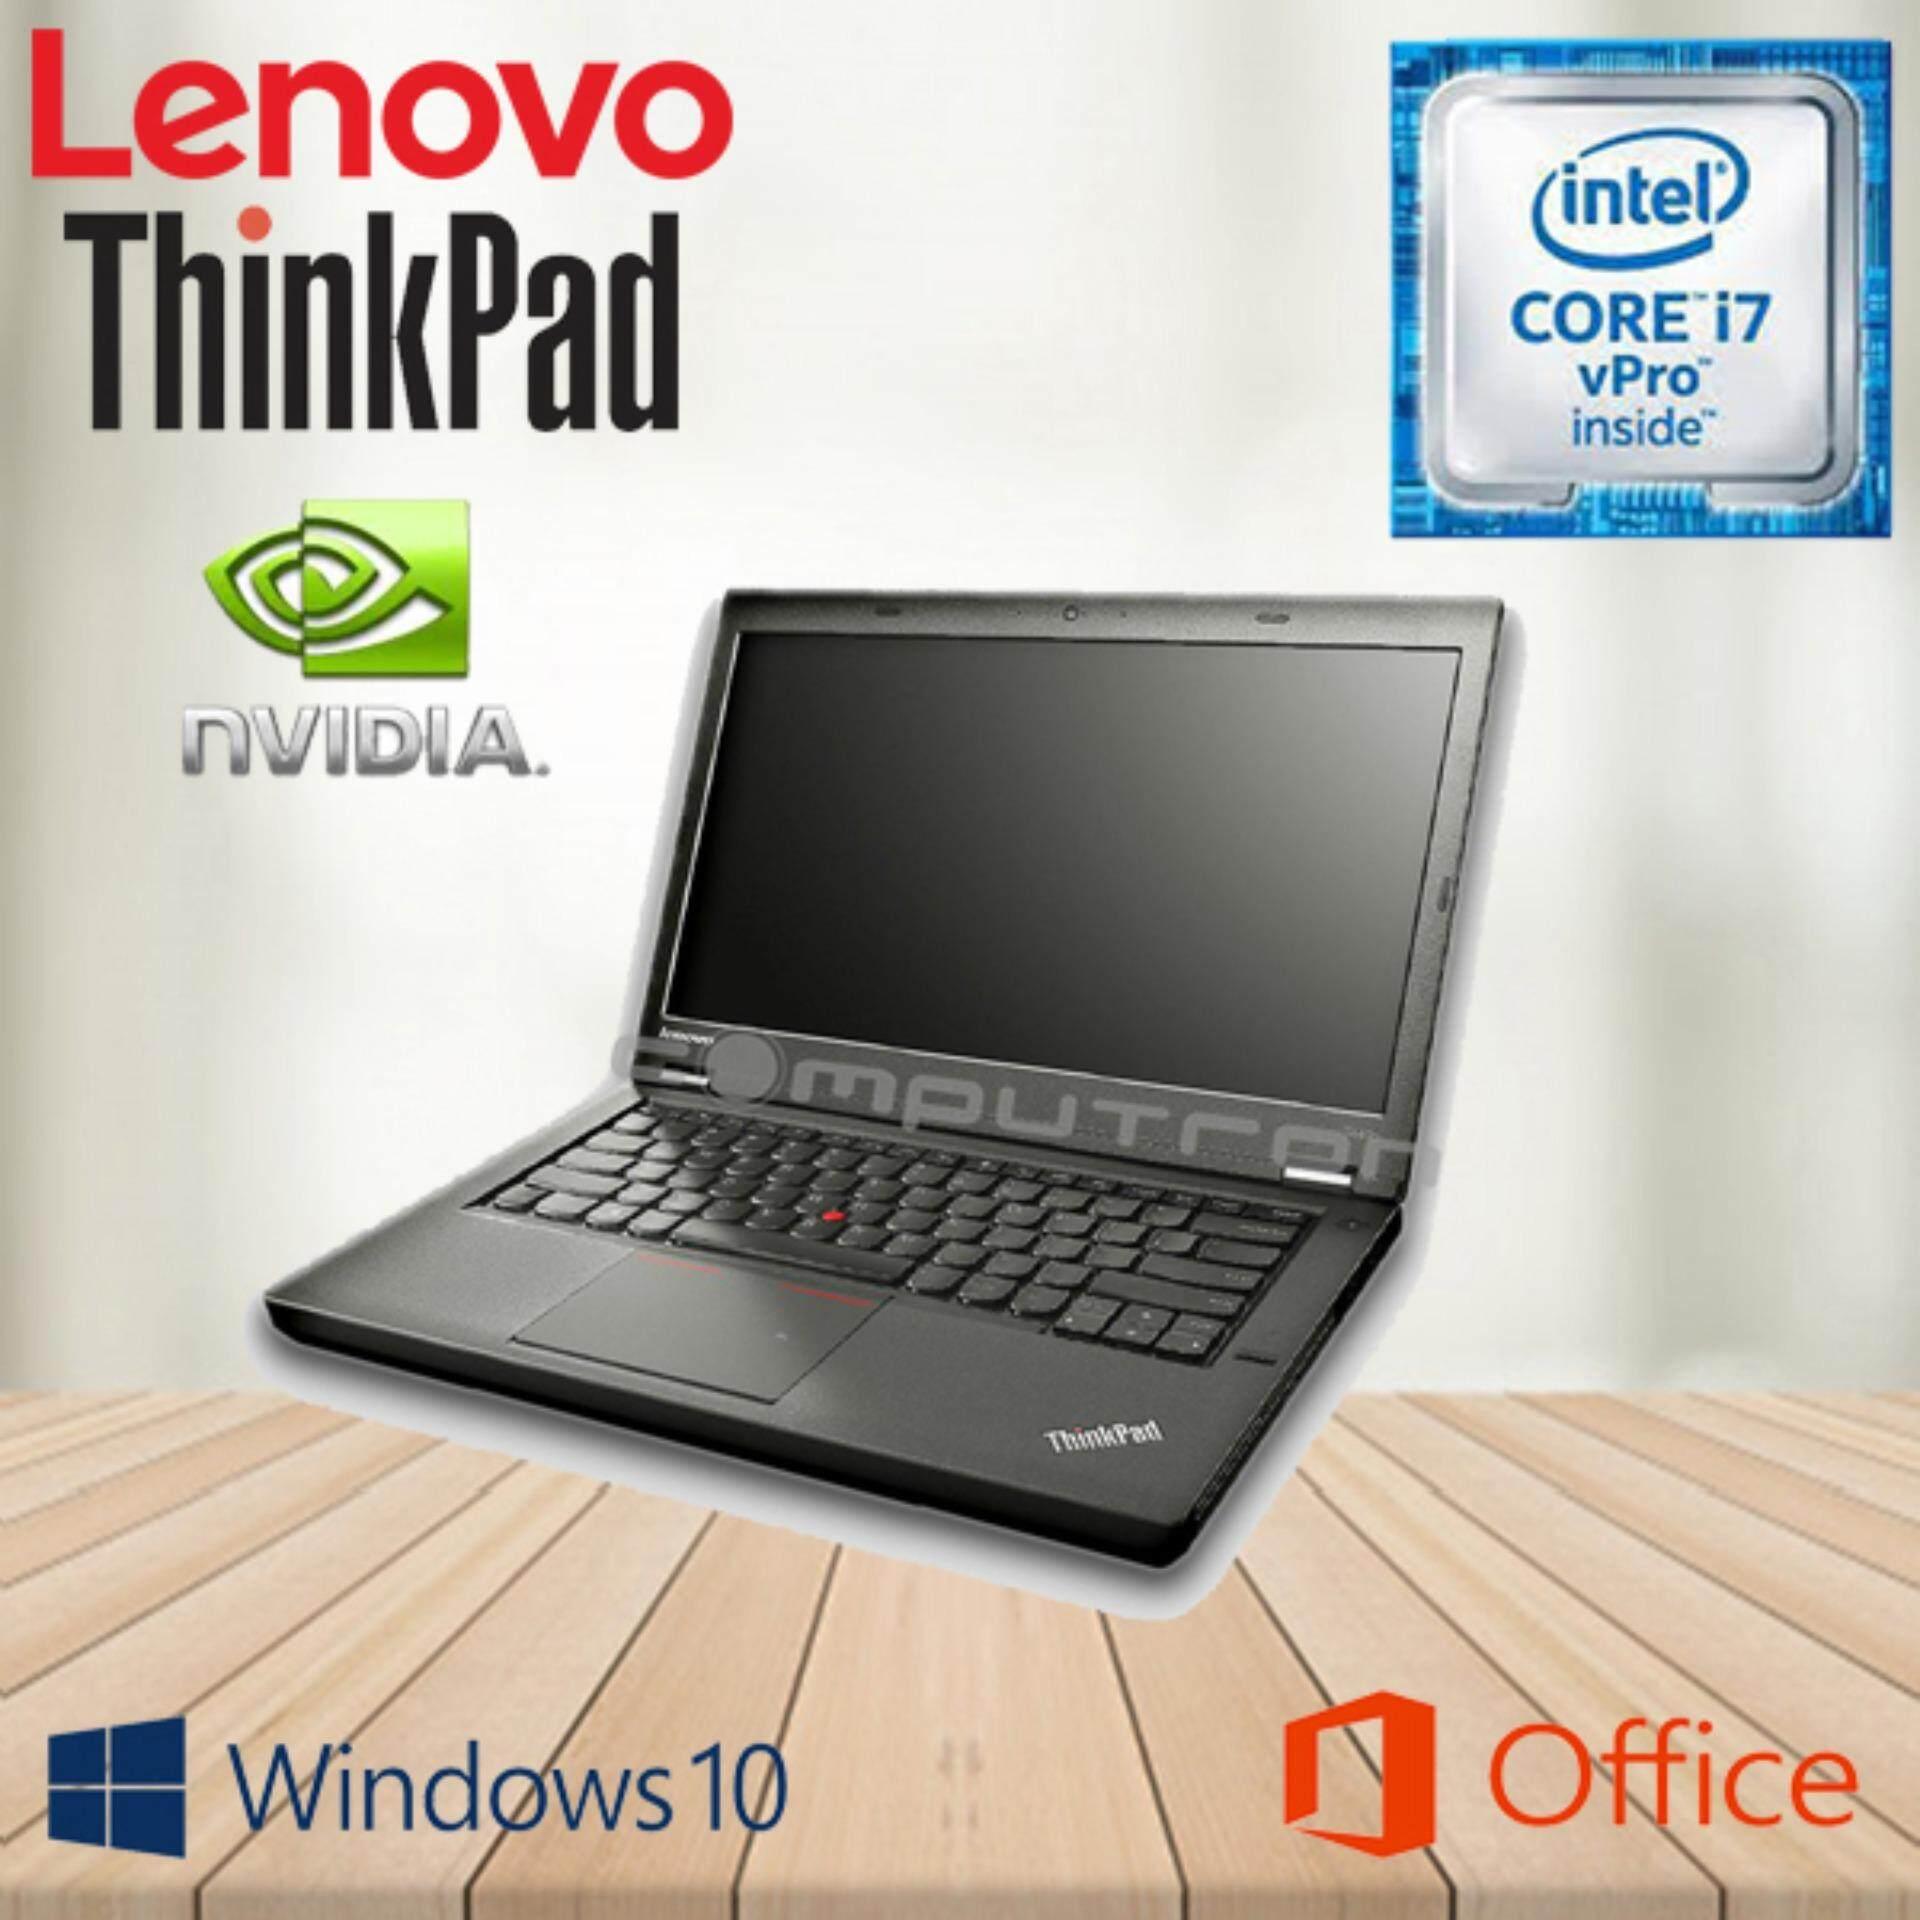 LENOVO THINKPAD T440P CORE I7 V-PRO /8GB/1TB/ NVIDIA GEFORCE GT730 [ 1 YEAR  WARRANTY ] [ LAPTOP ]